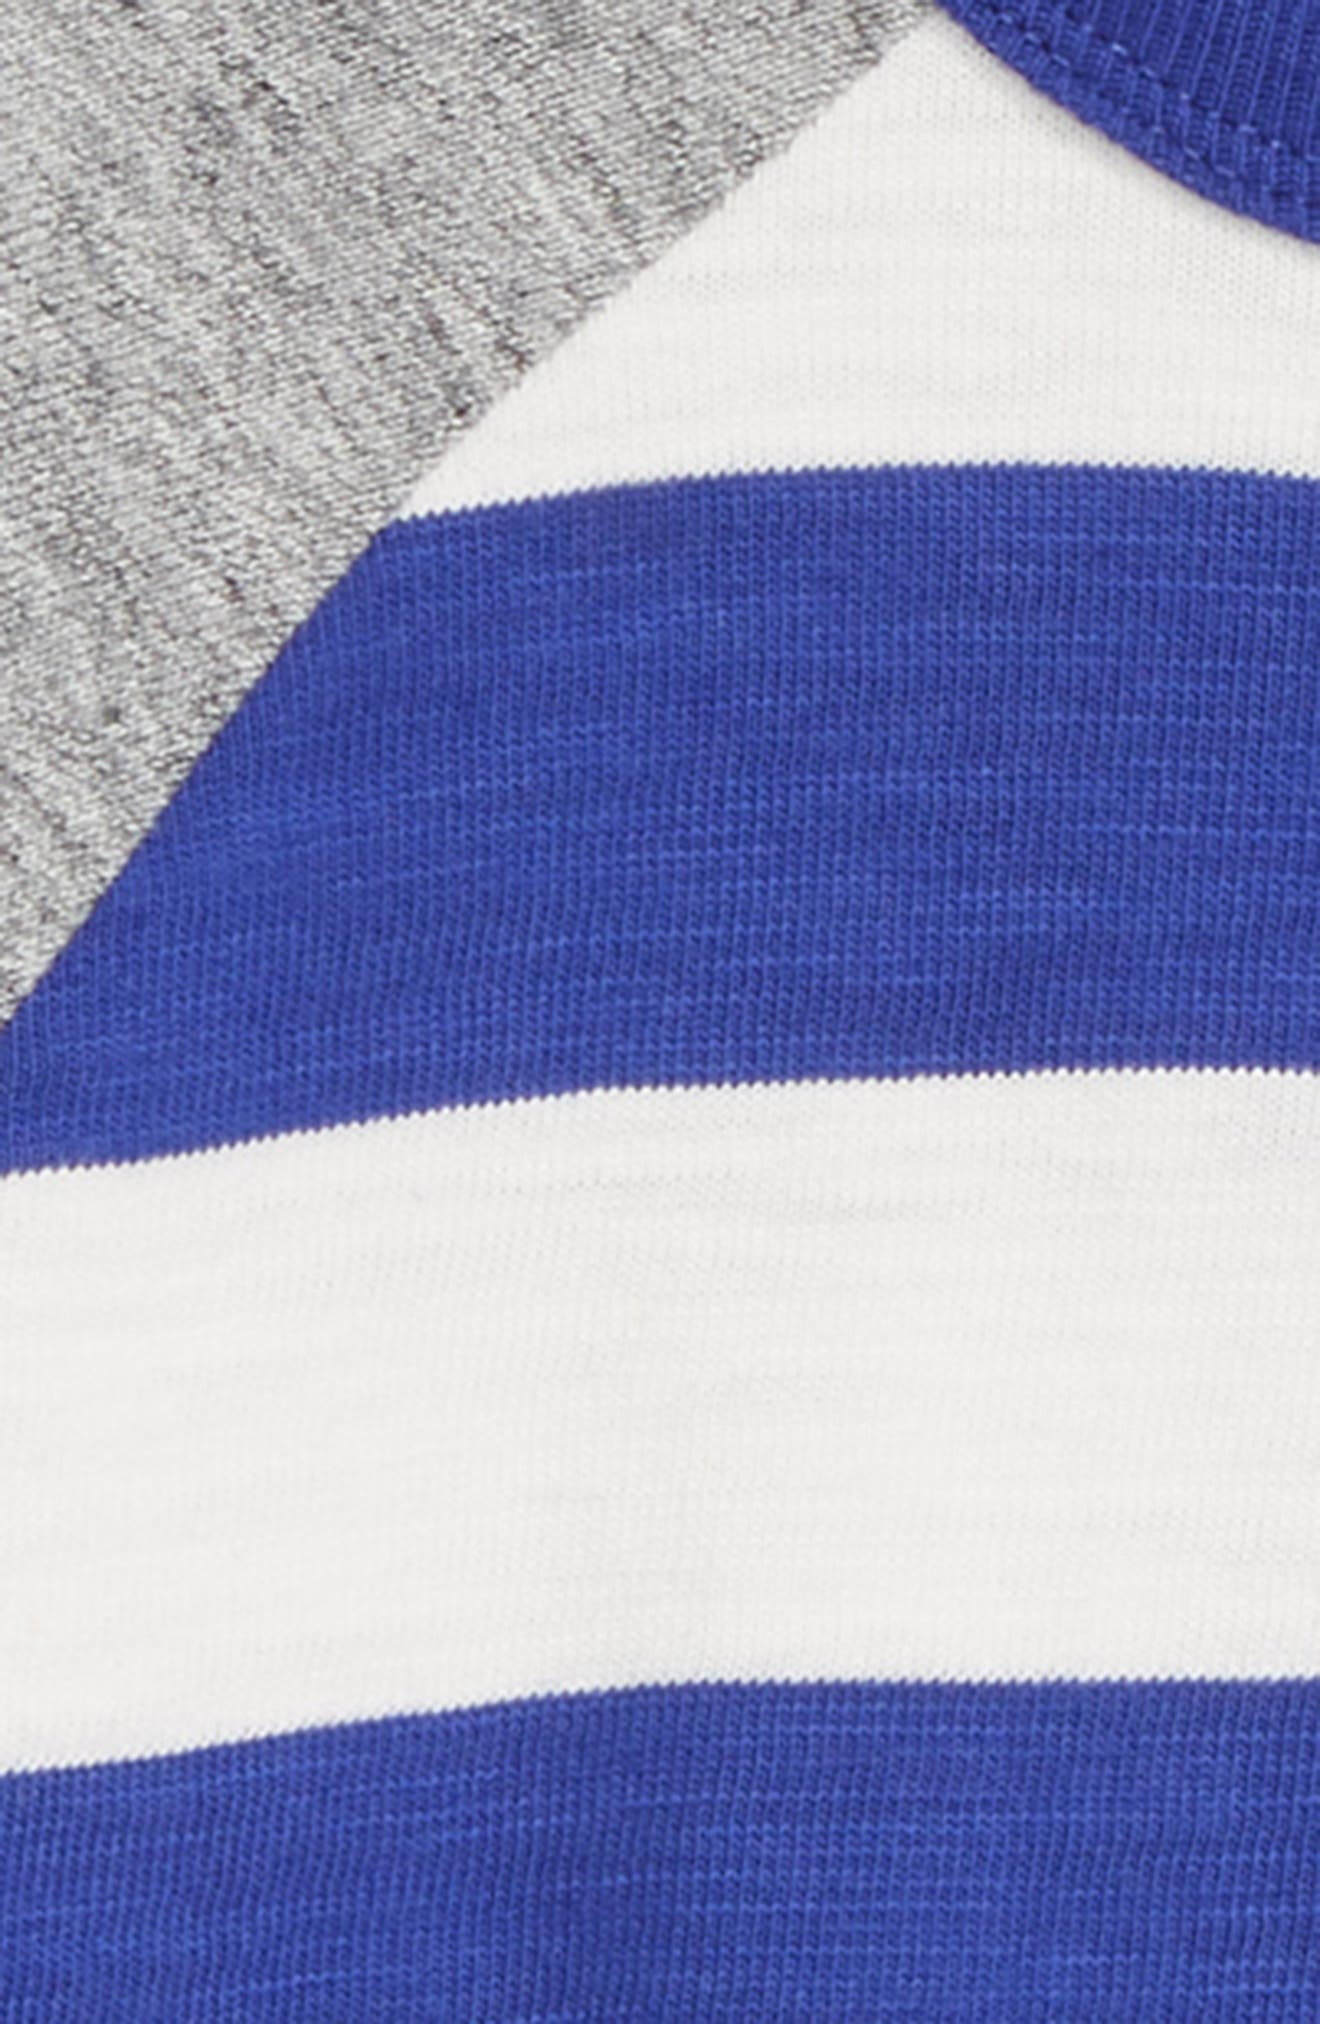 Stripe Raglan T-Shirt,                             Alternate thumbnail 2, color,                             RICHIE BLUE/ ECRU